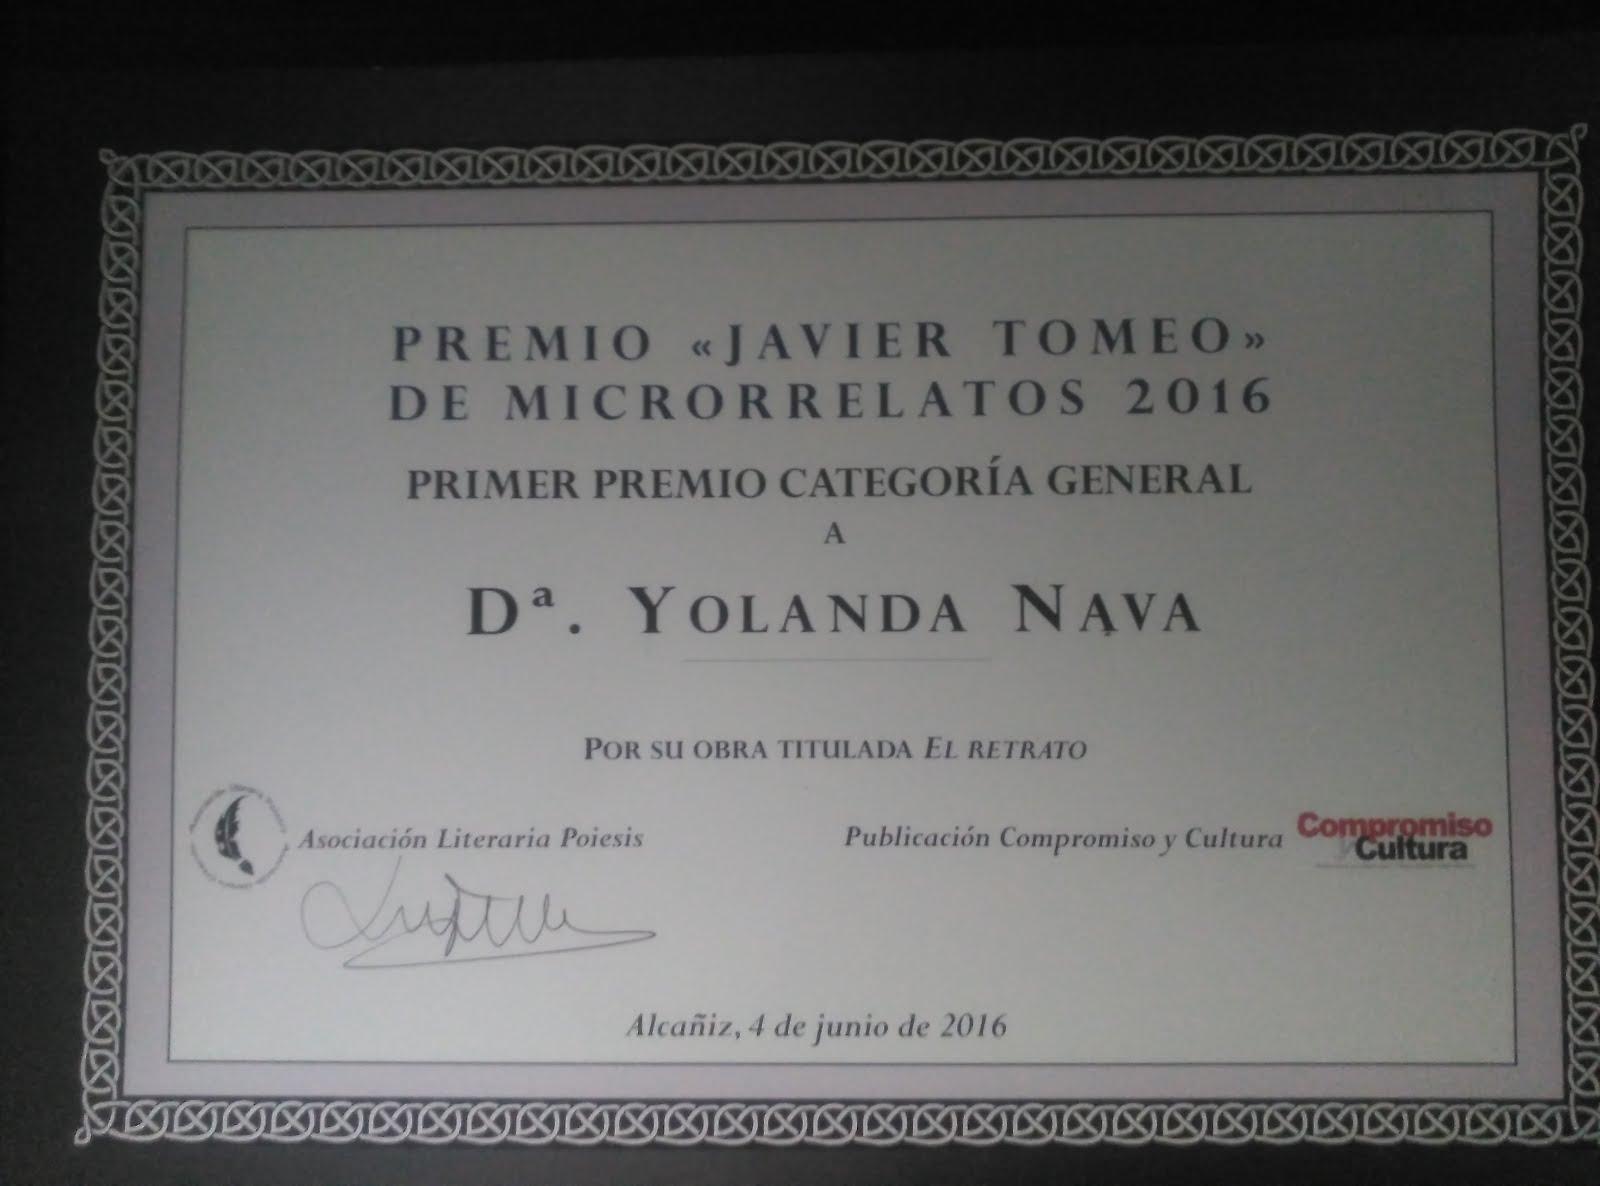 EL RETRATO ganador II concurso de microrrelatos Javier Tomeo, categoría general.